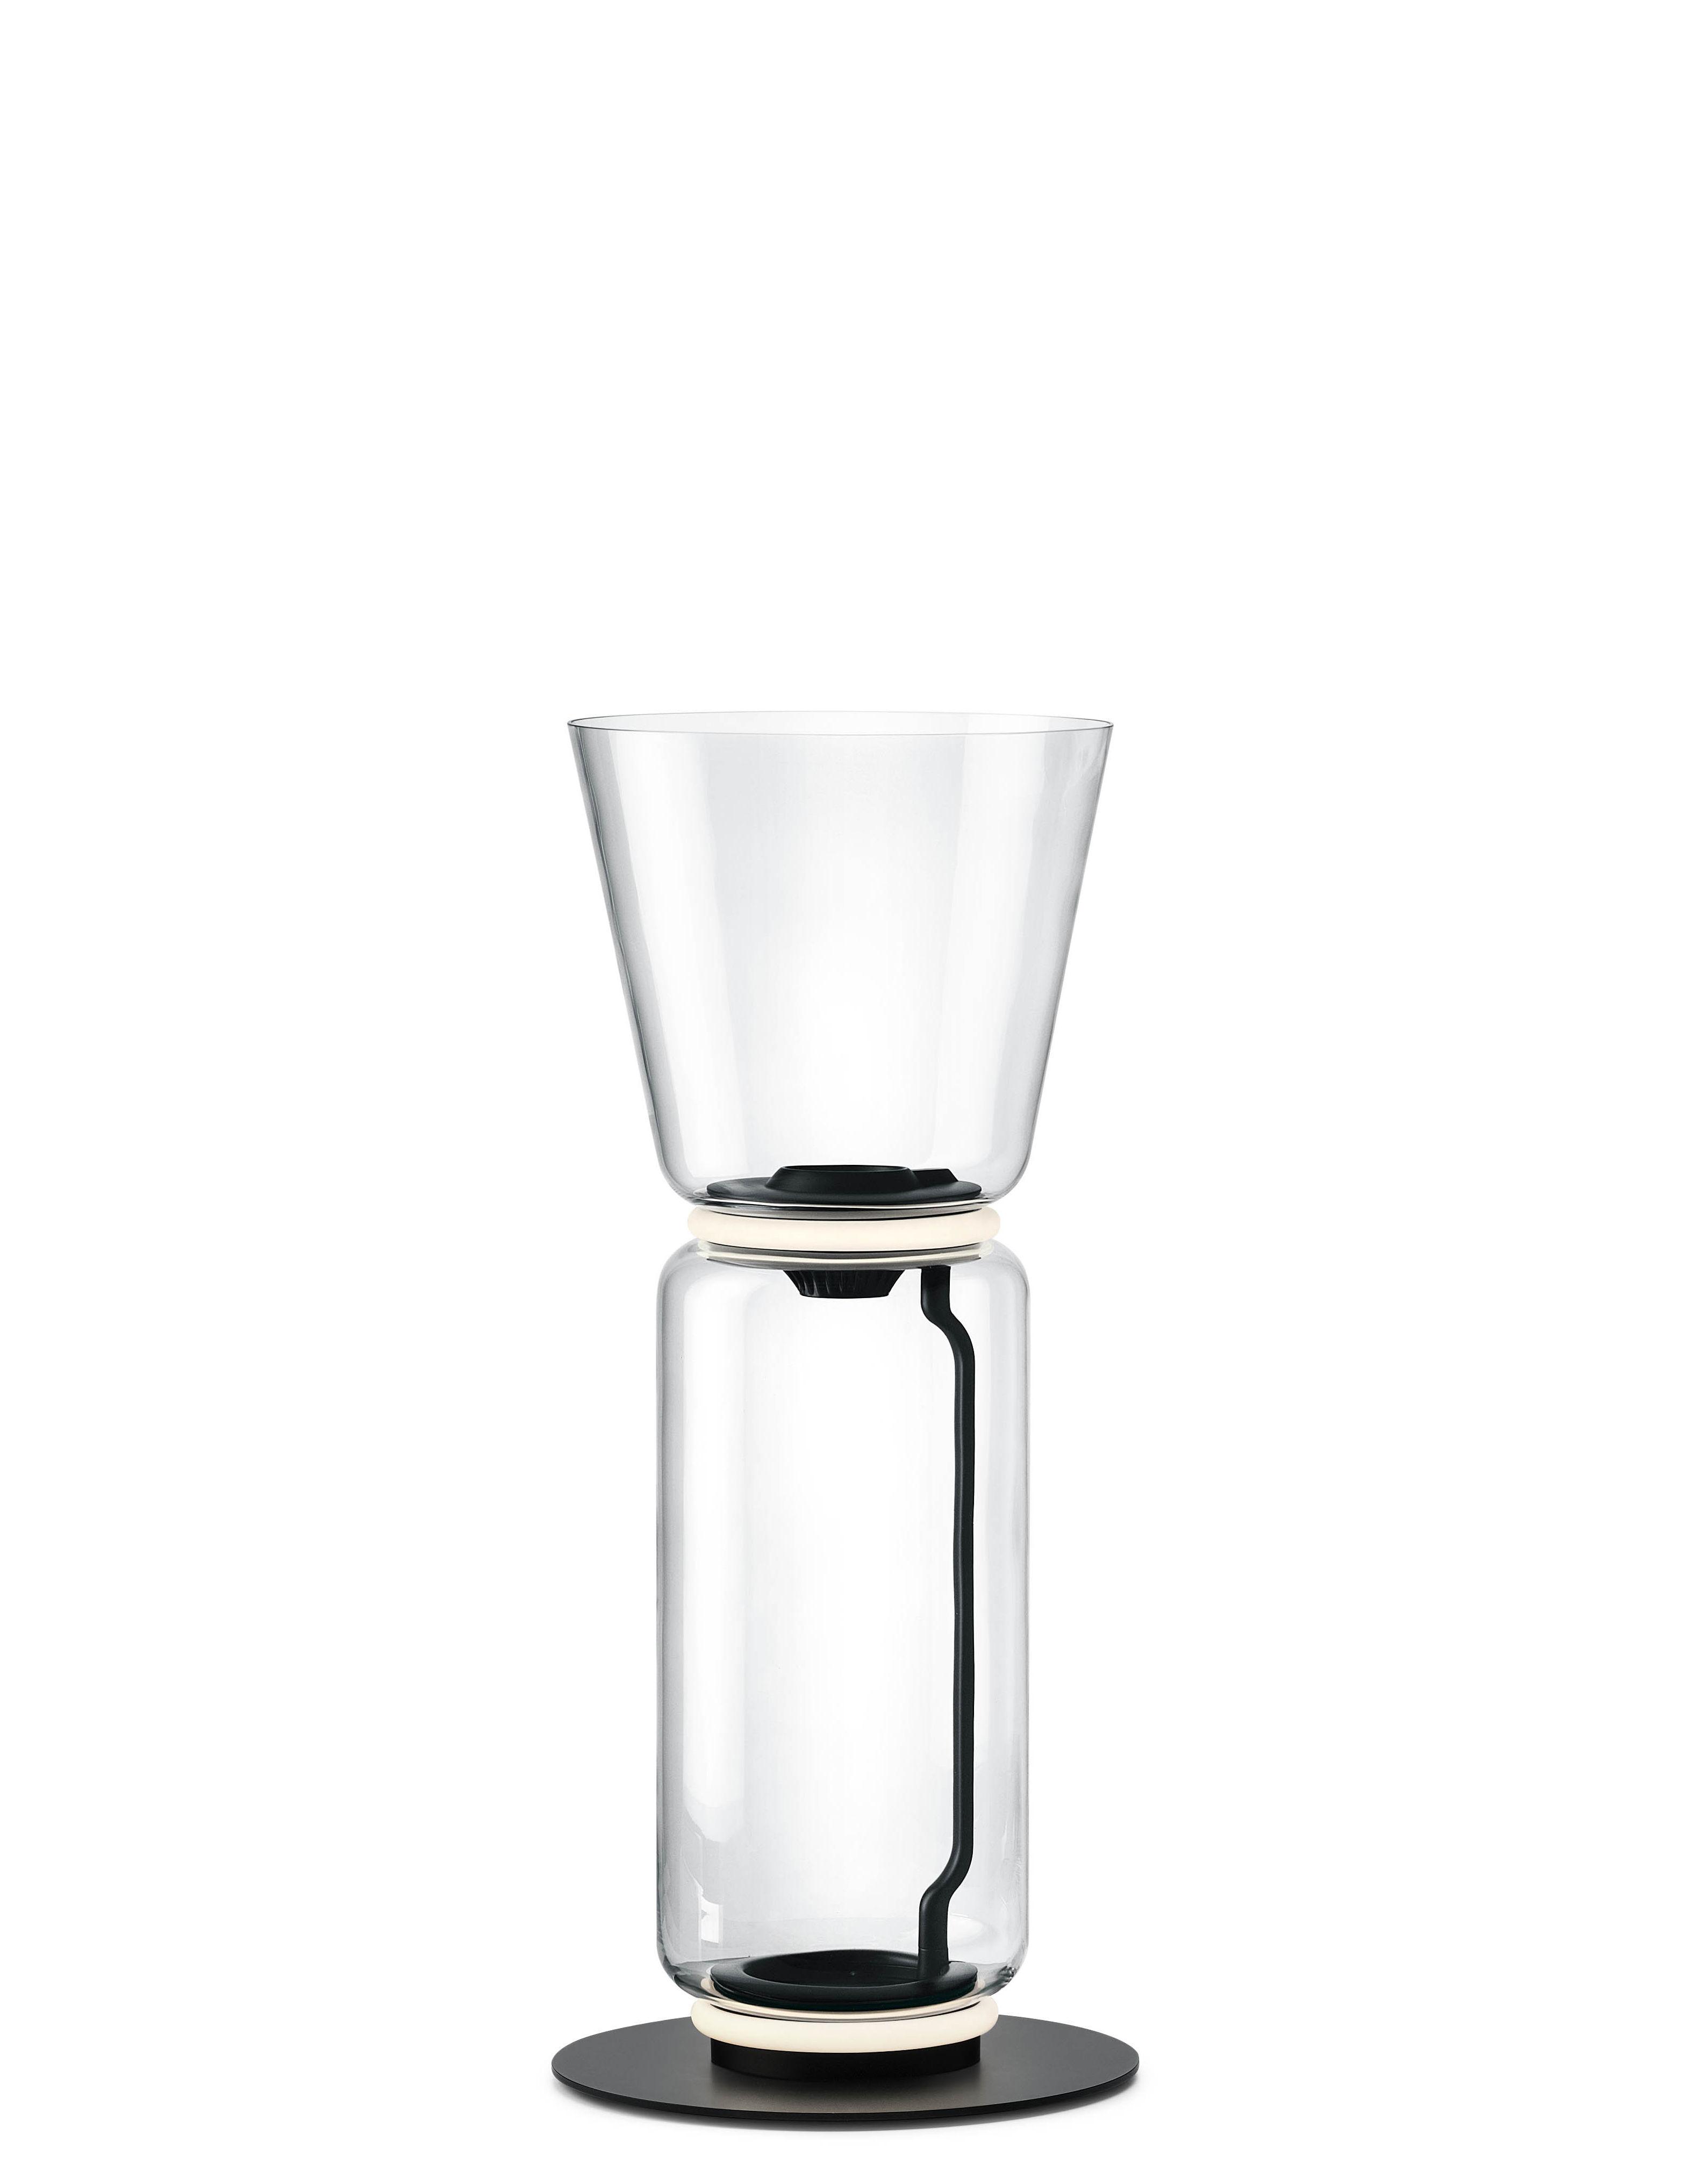 Lighting - Floor lamps - Noctambule Cône n°1 Lamp - / LED - Ø 36 x H 91 cm by Flos - H 91 cm / Transparent - Blown glass, Cast aluminium, Steel